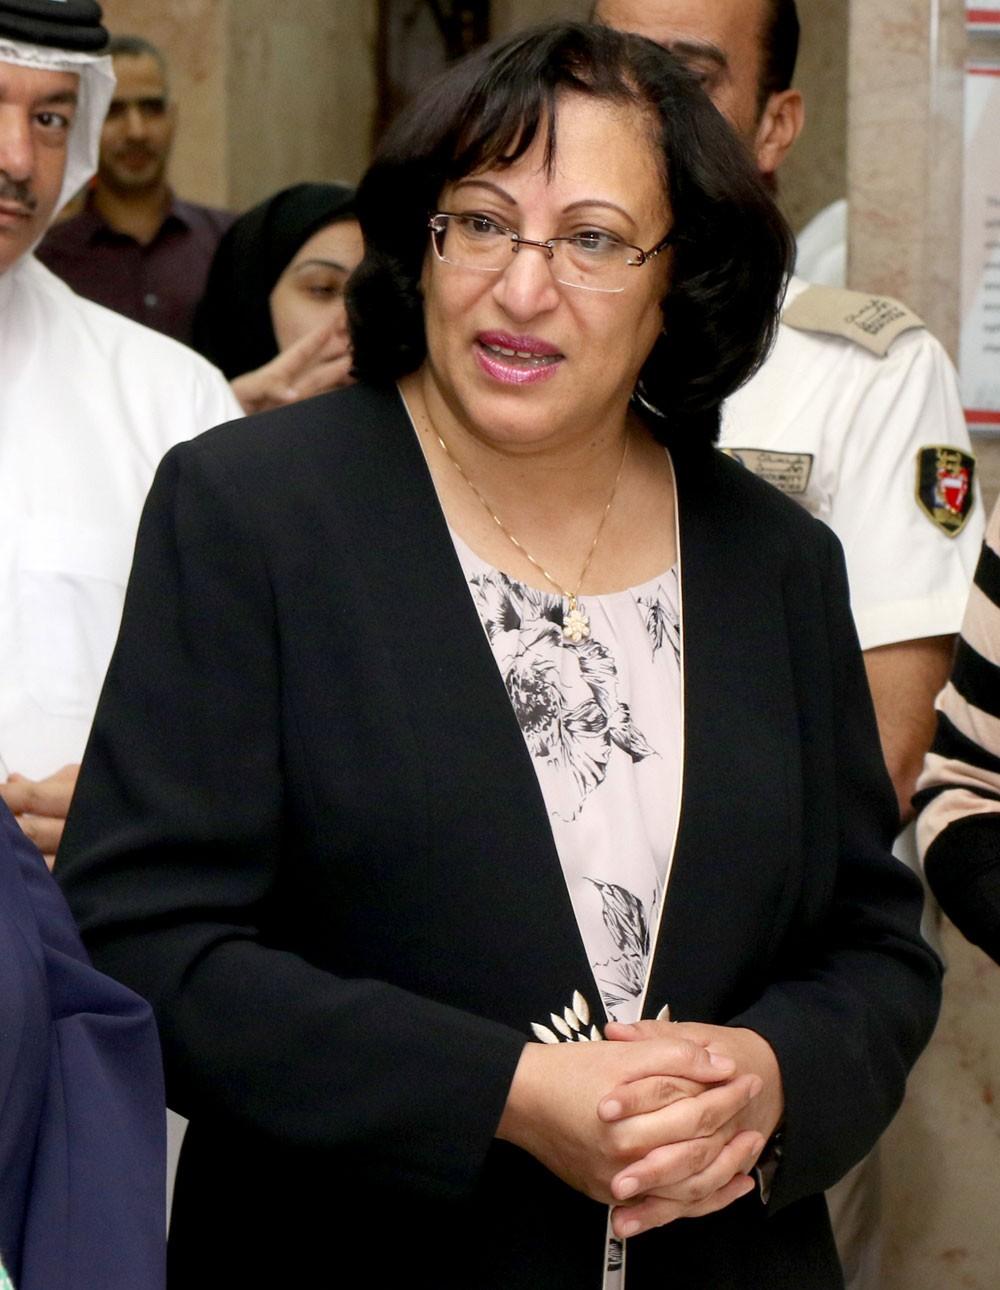 وزيرة الصحة تثمن توجيهات سمو رئيس الوزراء